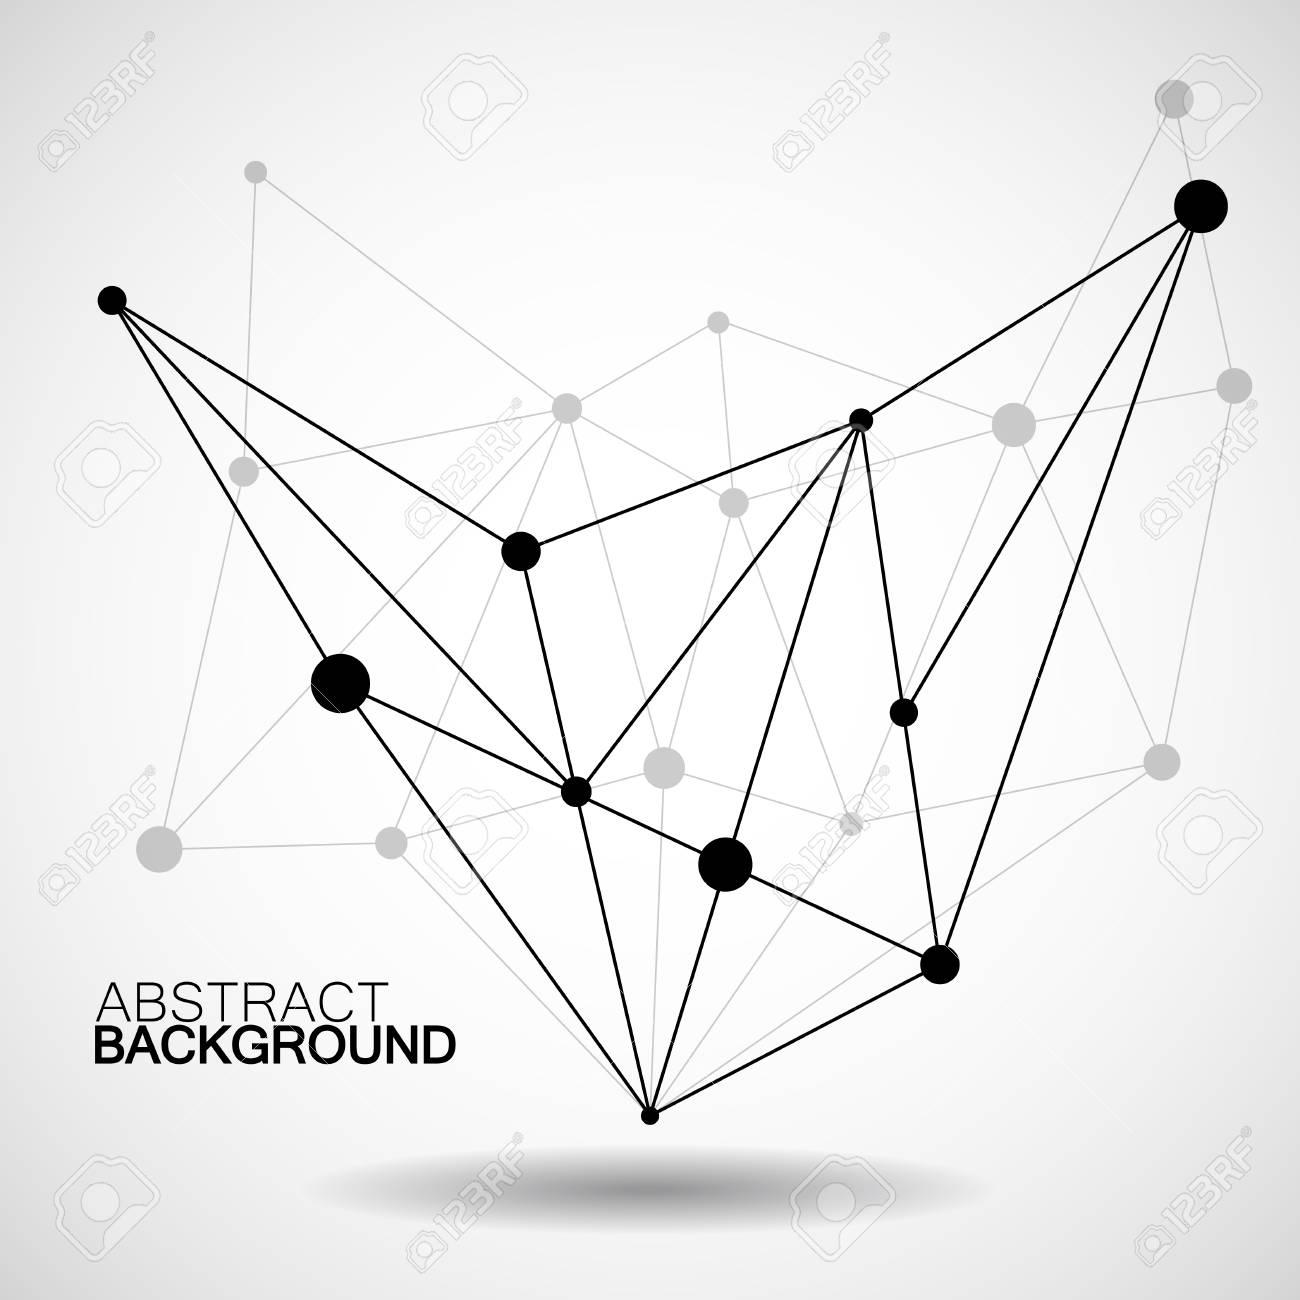 Estructura Metálica De Malla Con El Punto Y La Línea Conexión De Red Forma De Resumen